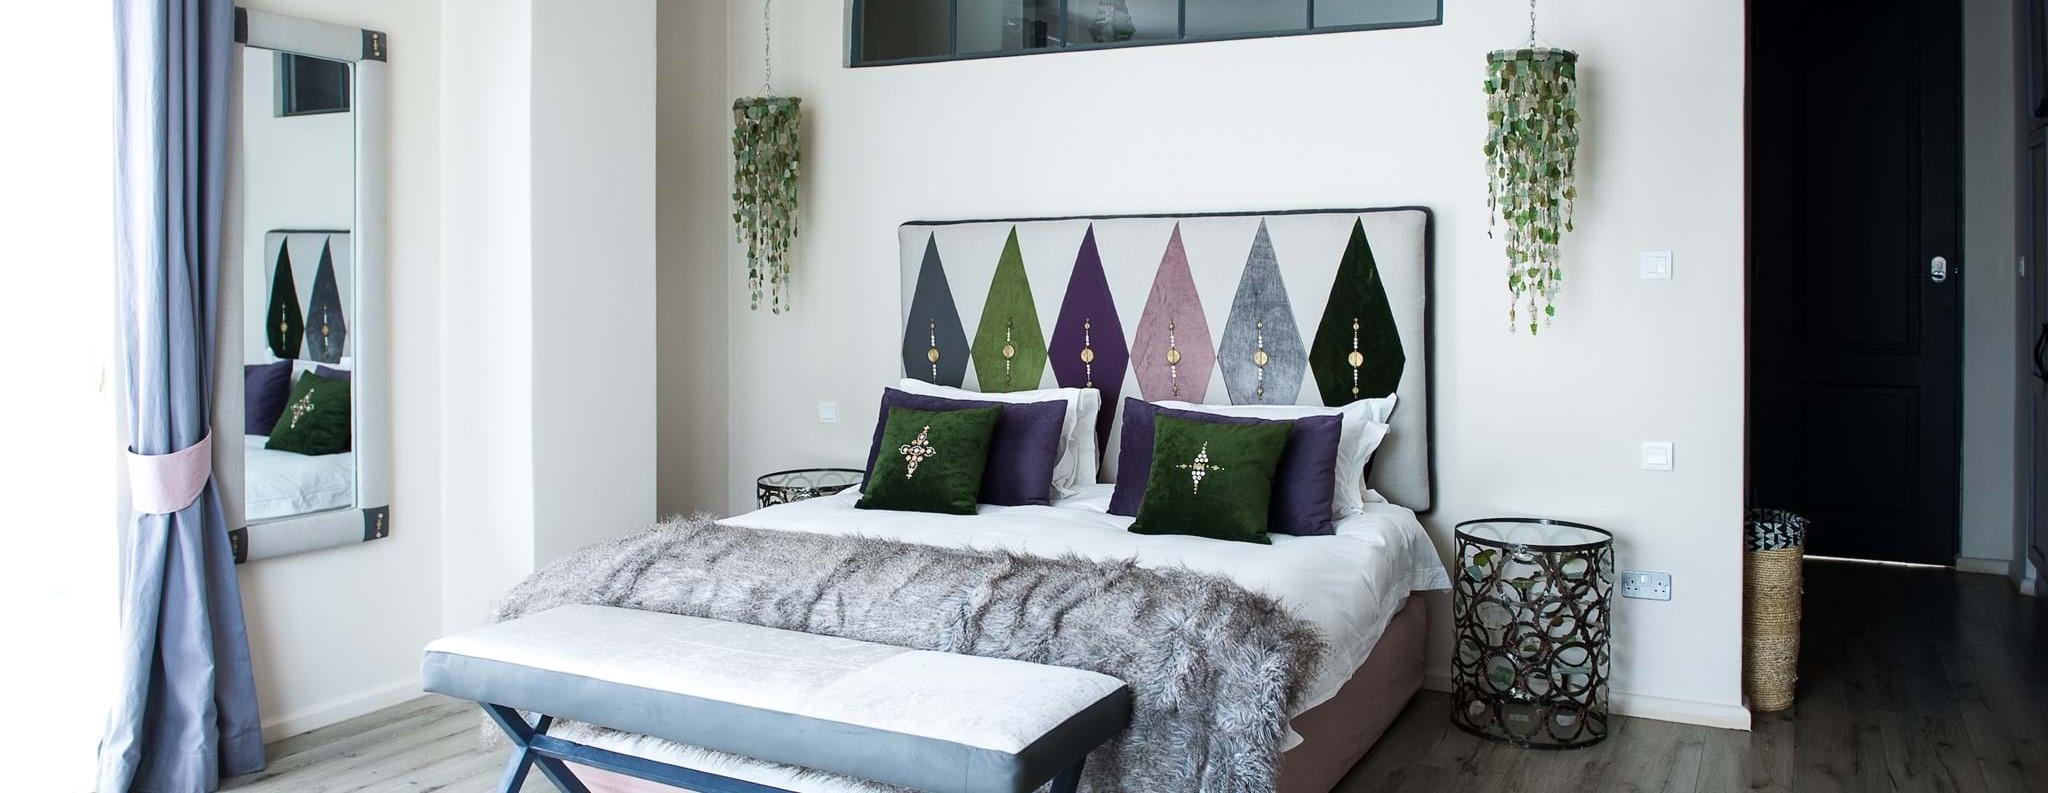 latitude-15-hotel-bedroom-suite